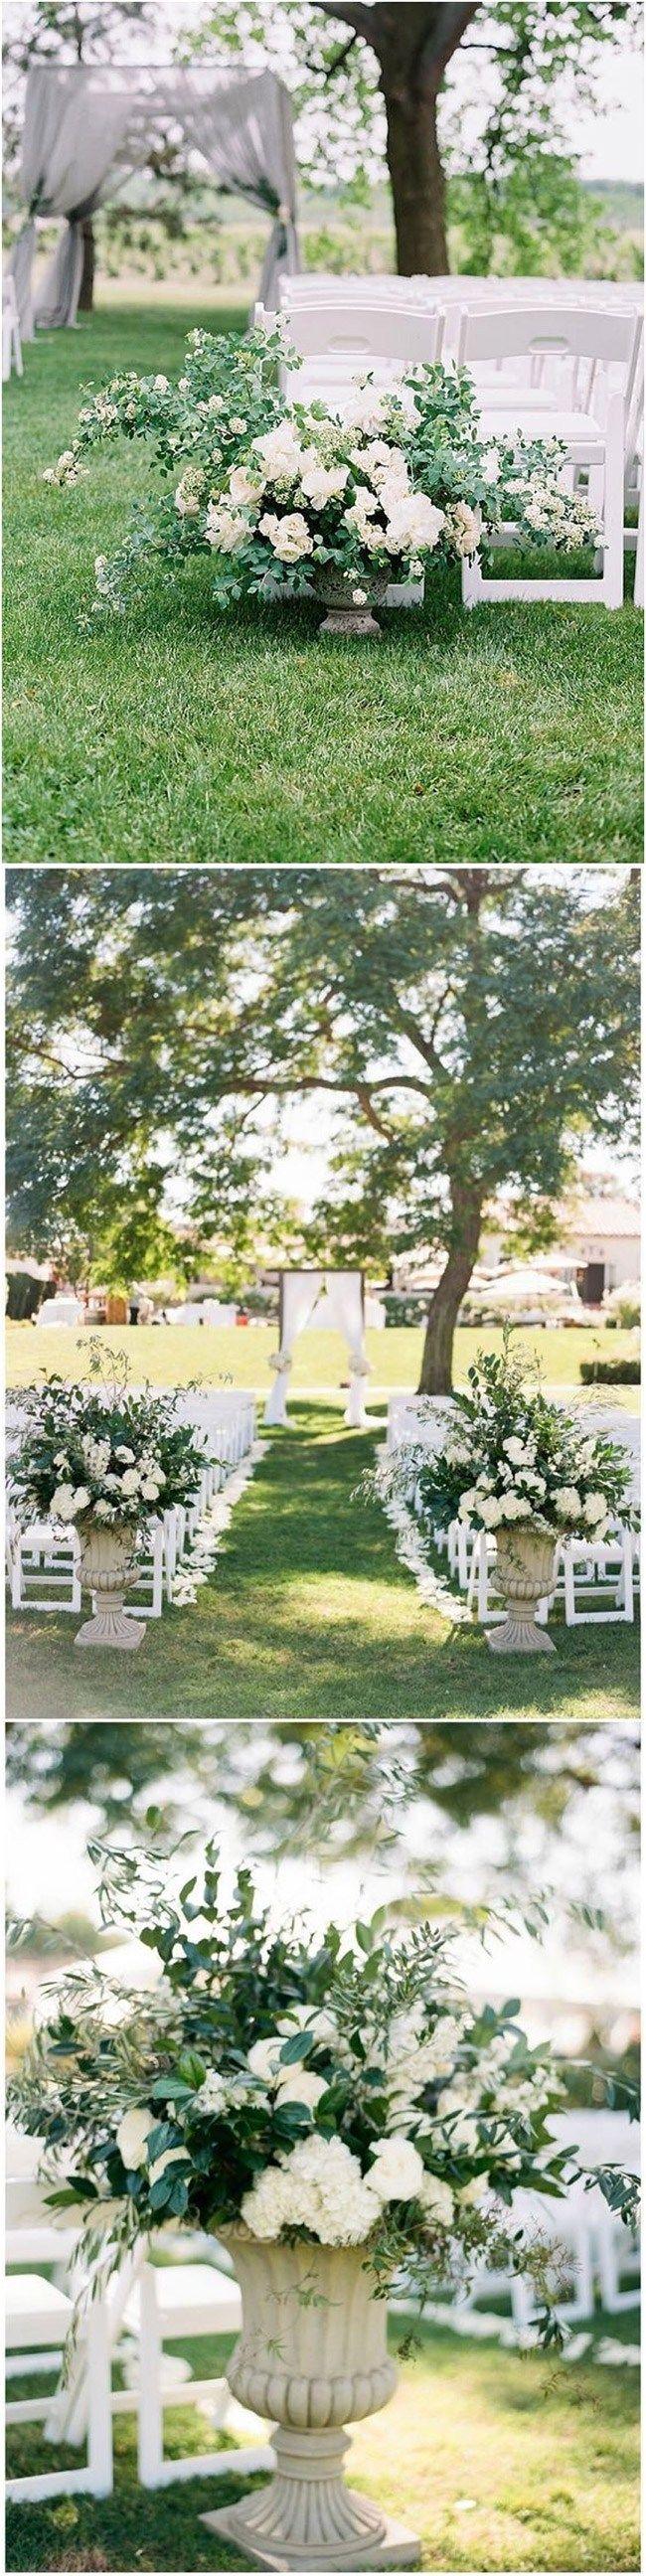 20+ TENDENZE PER IL MATRIMONIO IDEE PER IL MATRIMONIO BIANCO E VERDE – Forevermorebling   Blog di matrimonio